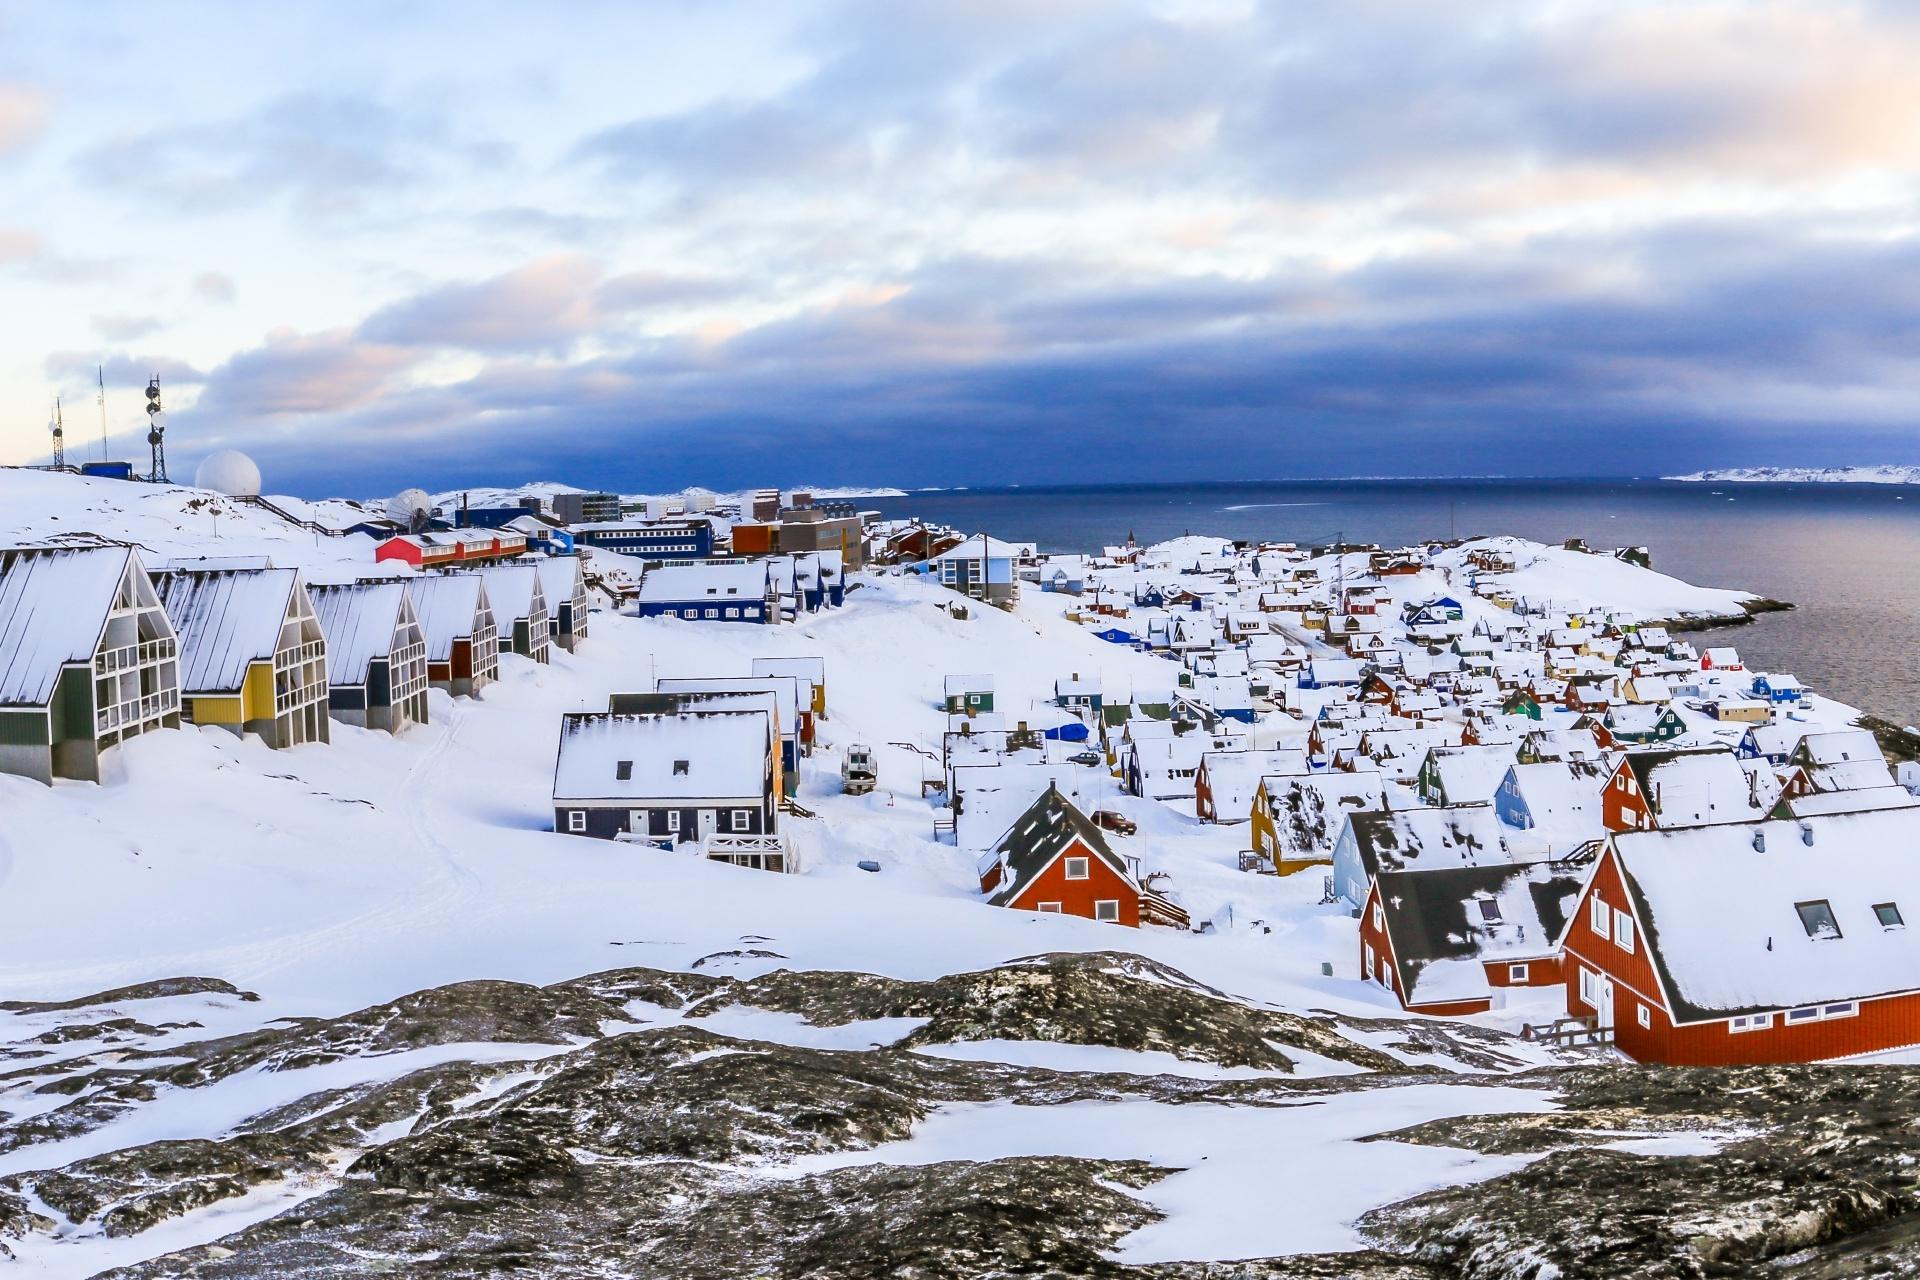 春のグリーンランド デンマークの風景